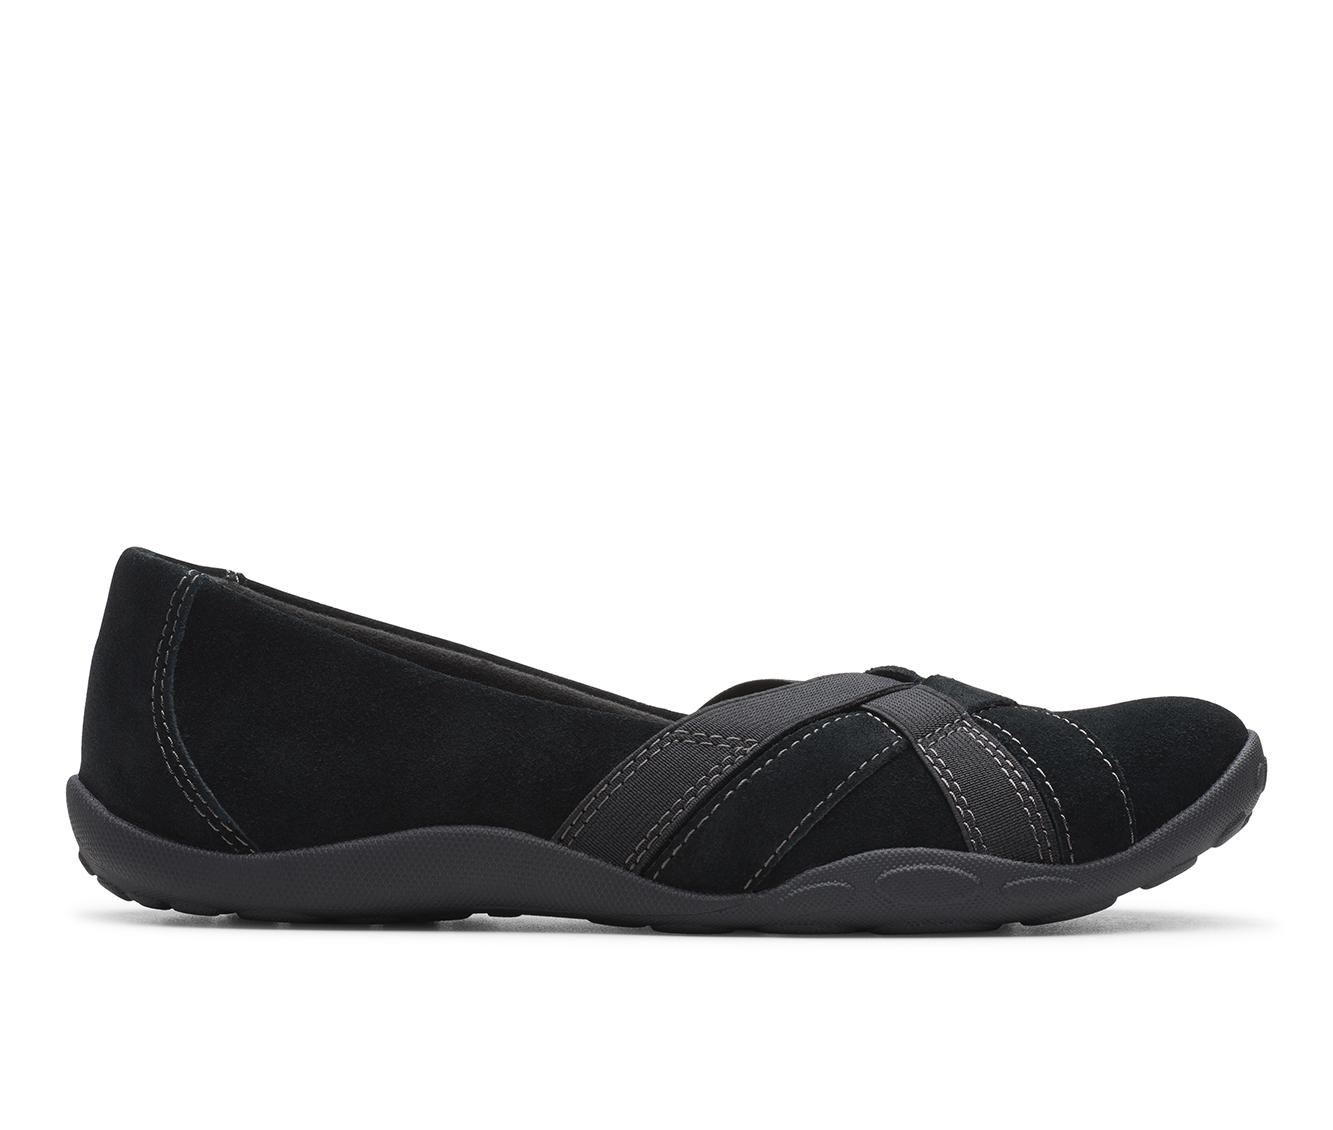 Clarks Haley Jay Women's Shoe (Black Suede)